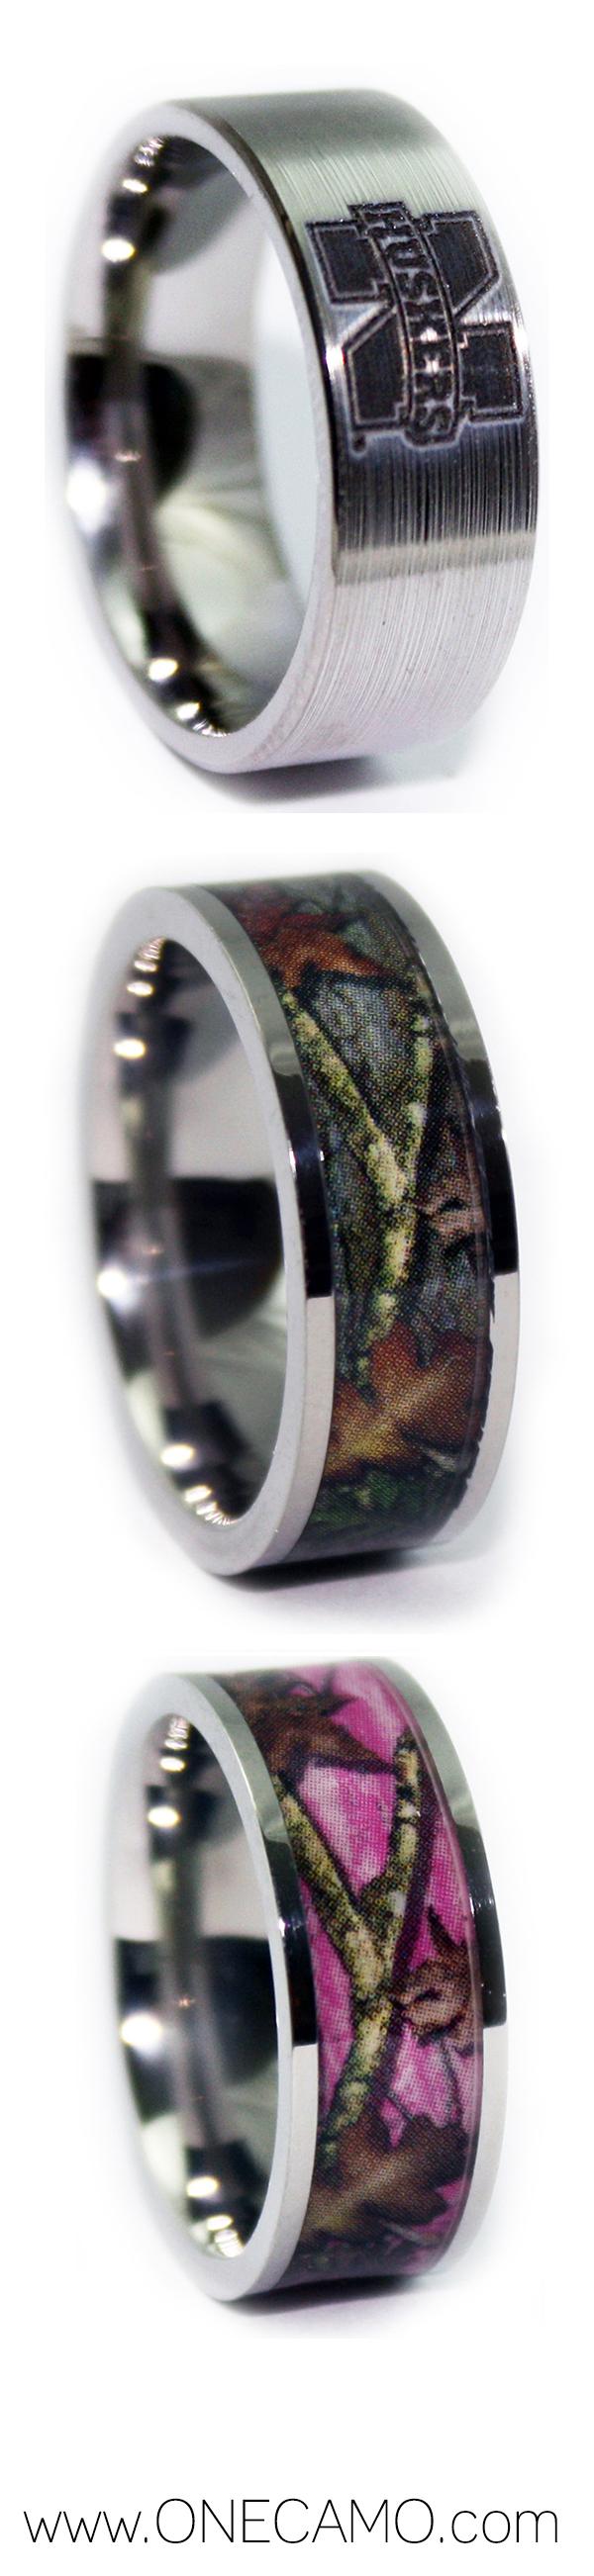 Shop Camo Wedding Rings By ONE CAMO, Camo Wedding   1Camo.com